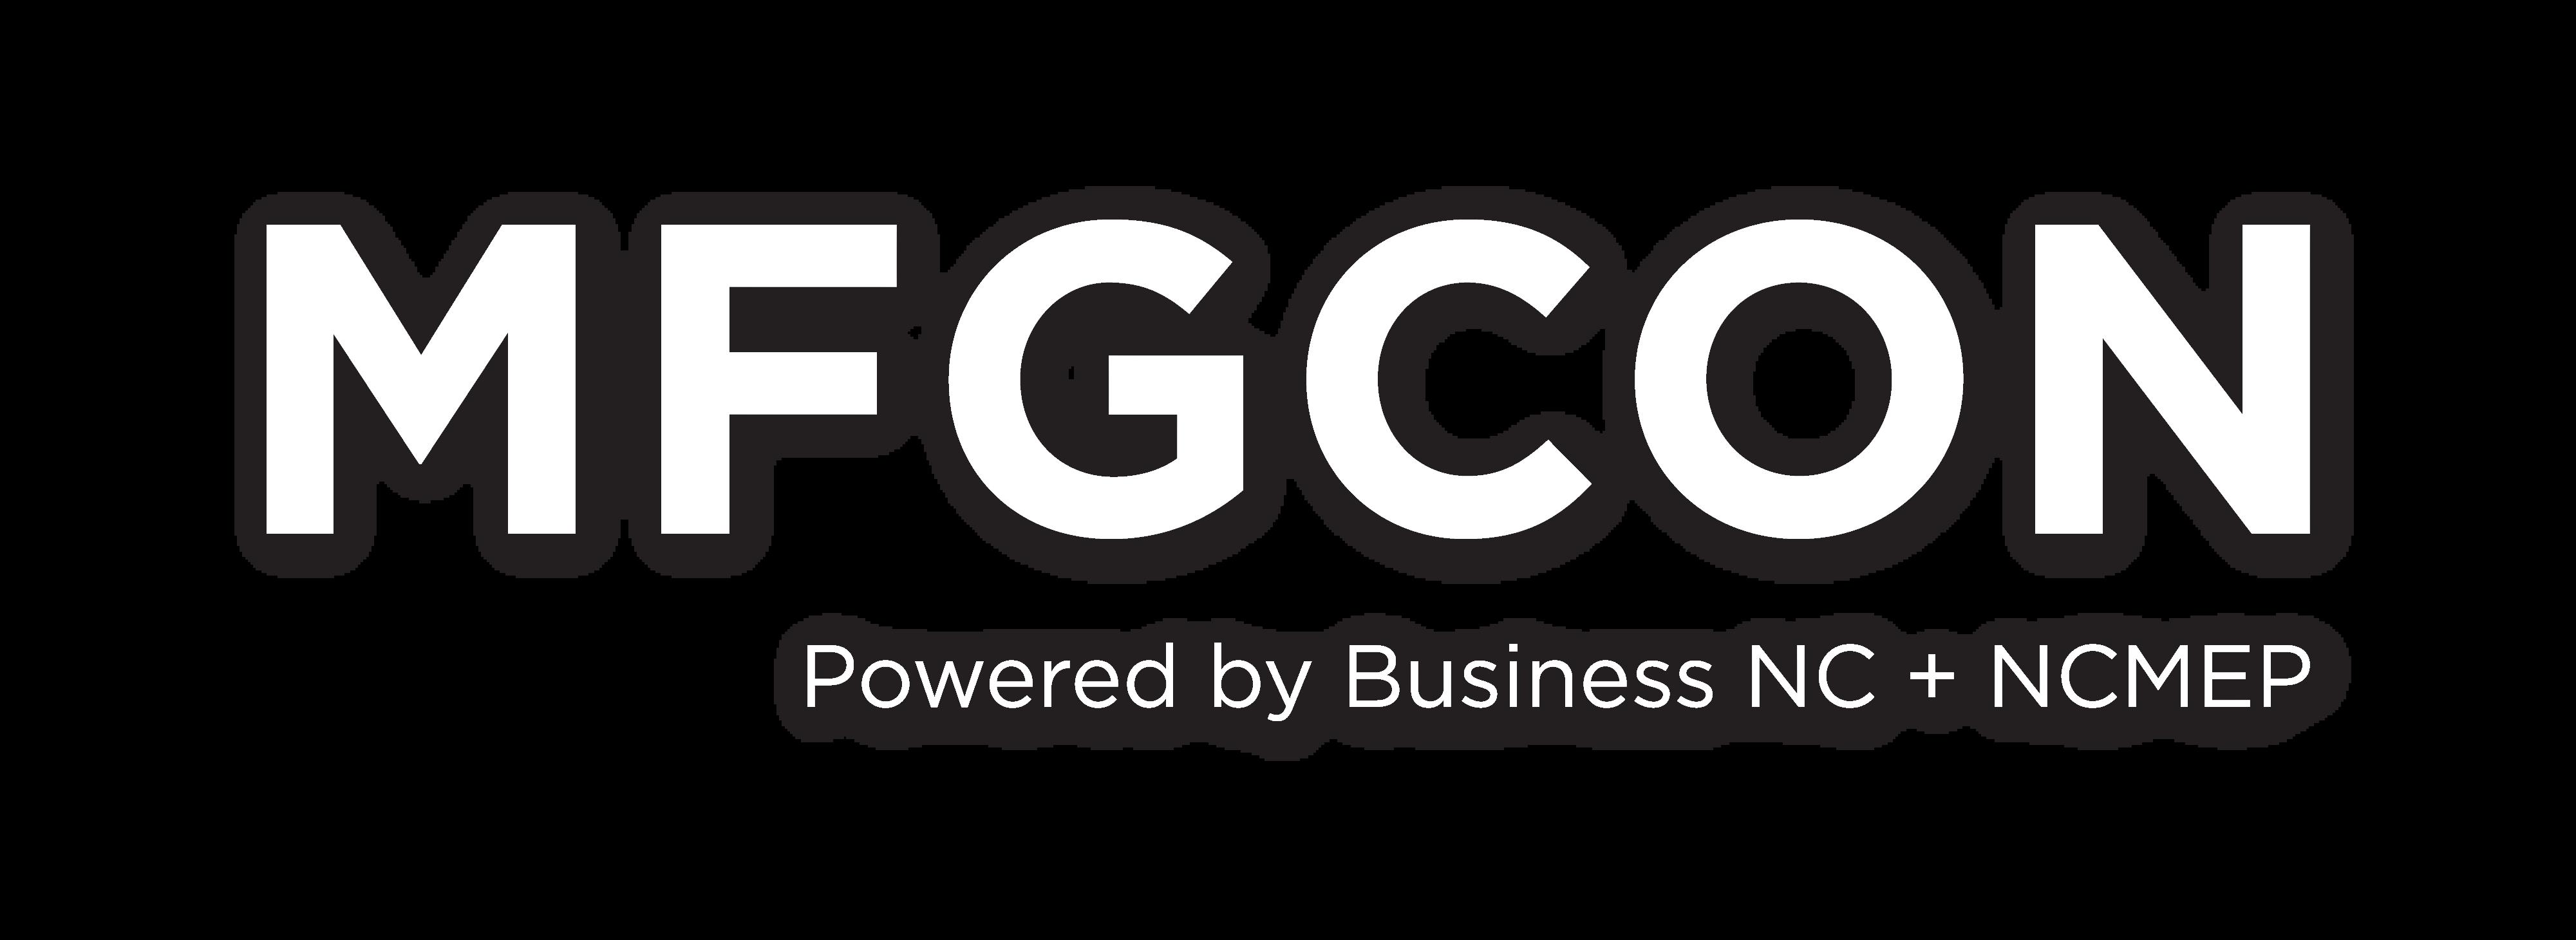 MFGCON21 logo